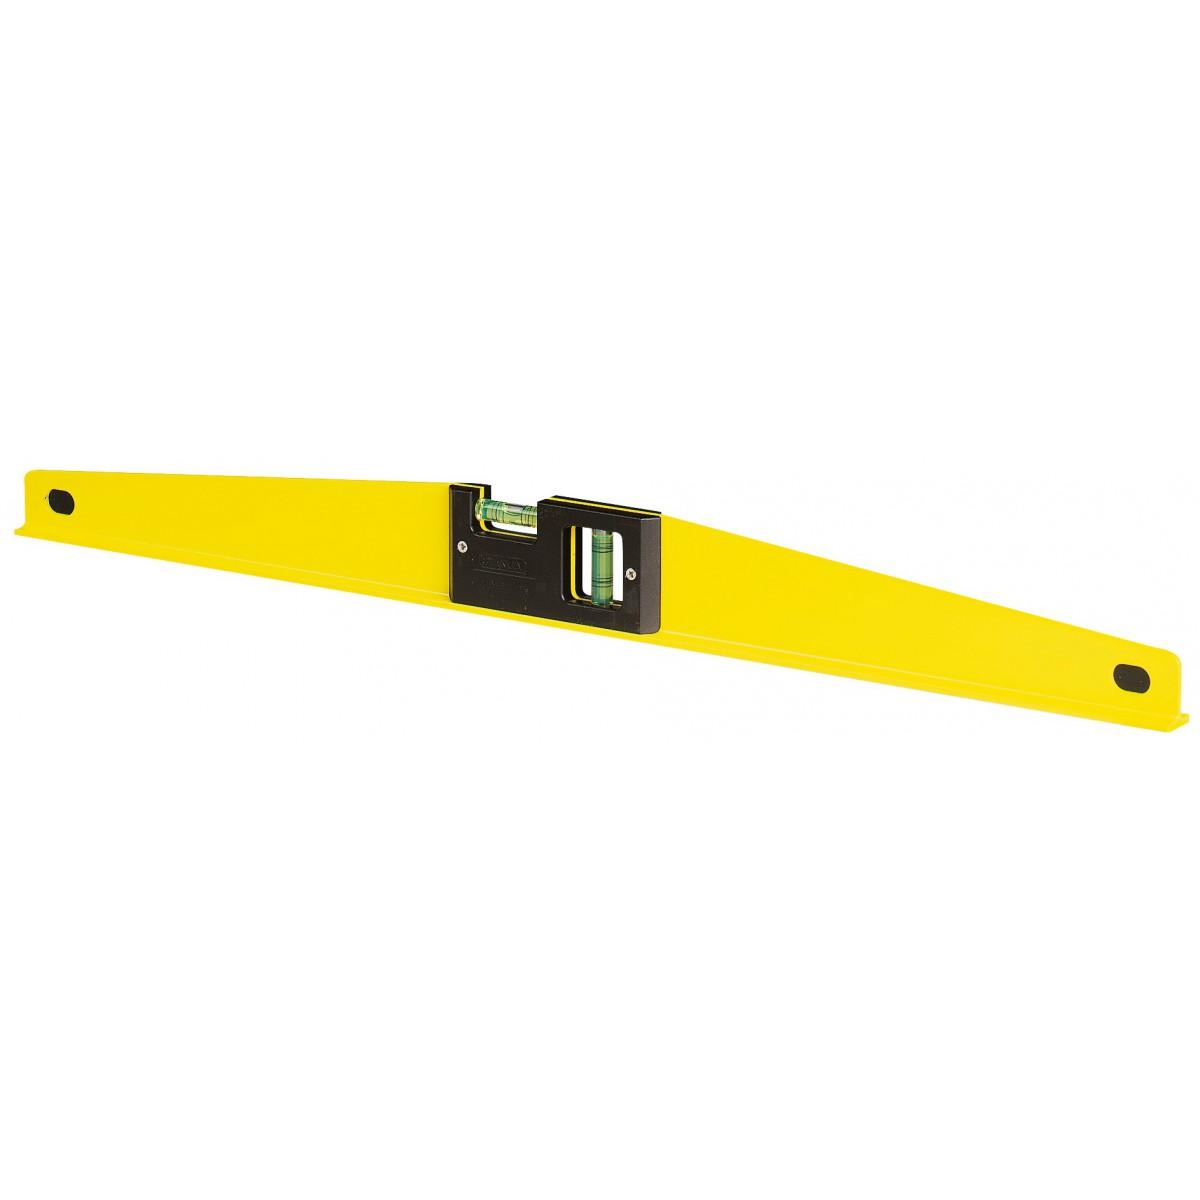 Niveau à semelle GP Stanley - Longueur 40 cm